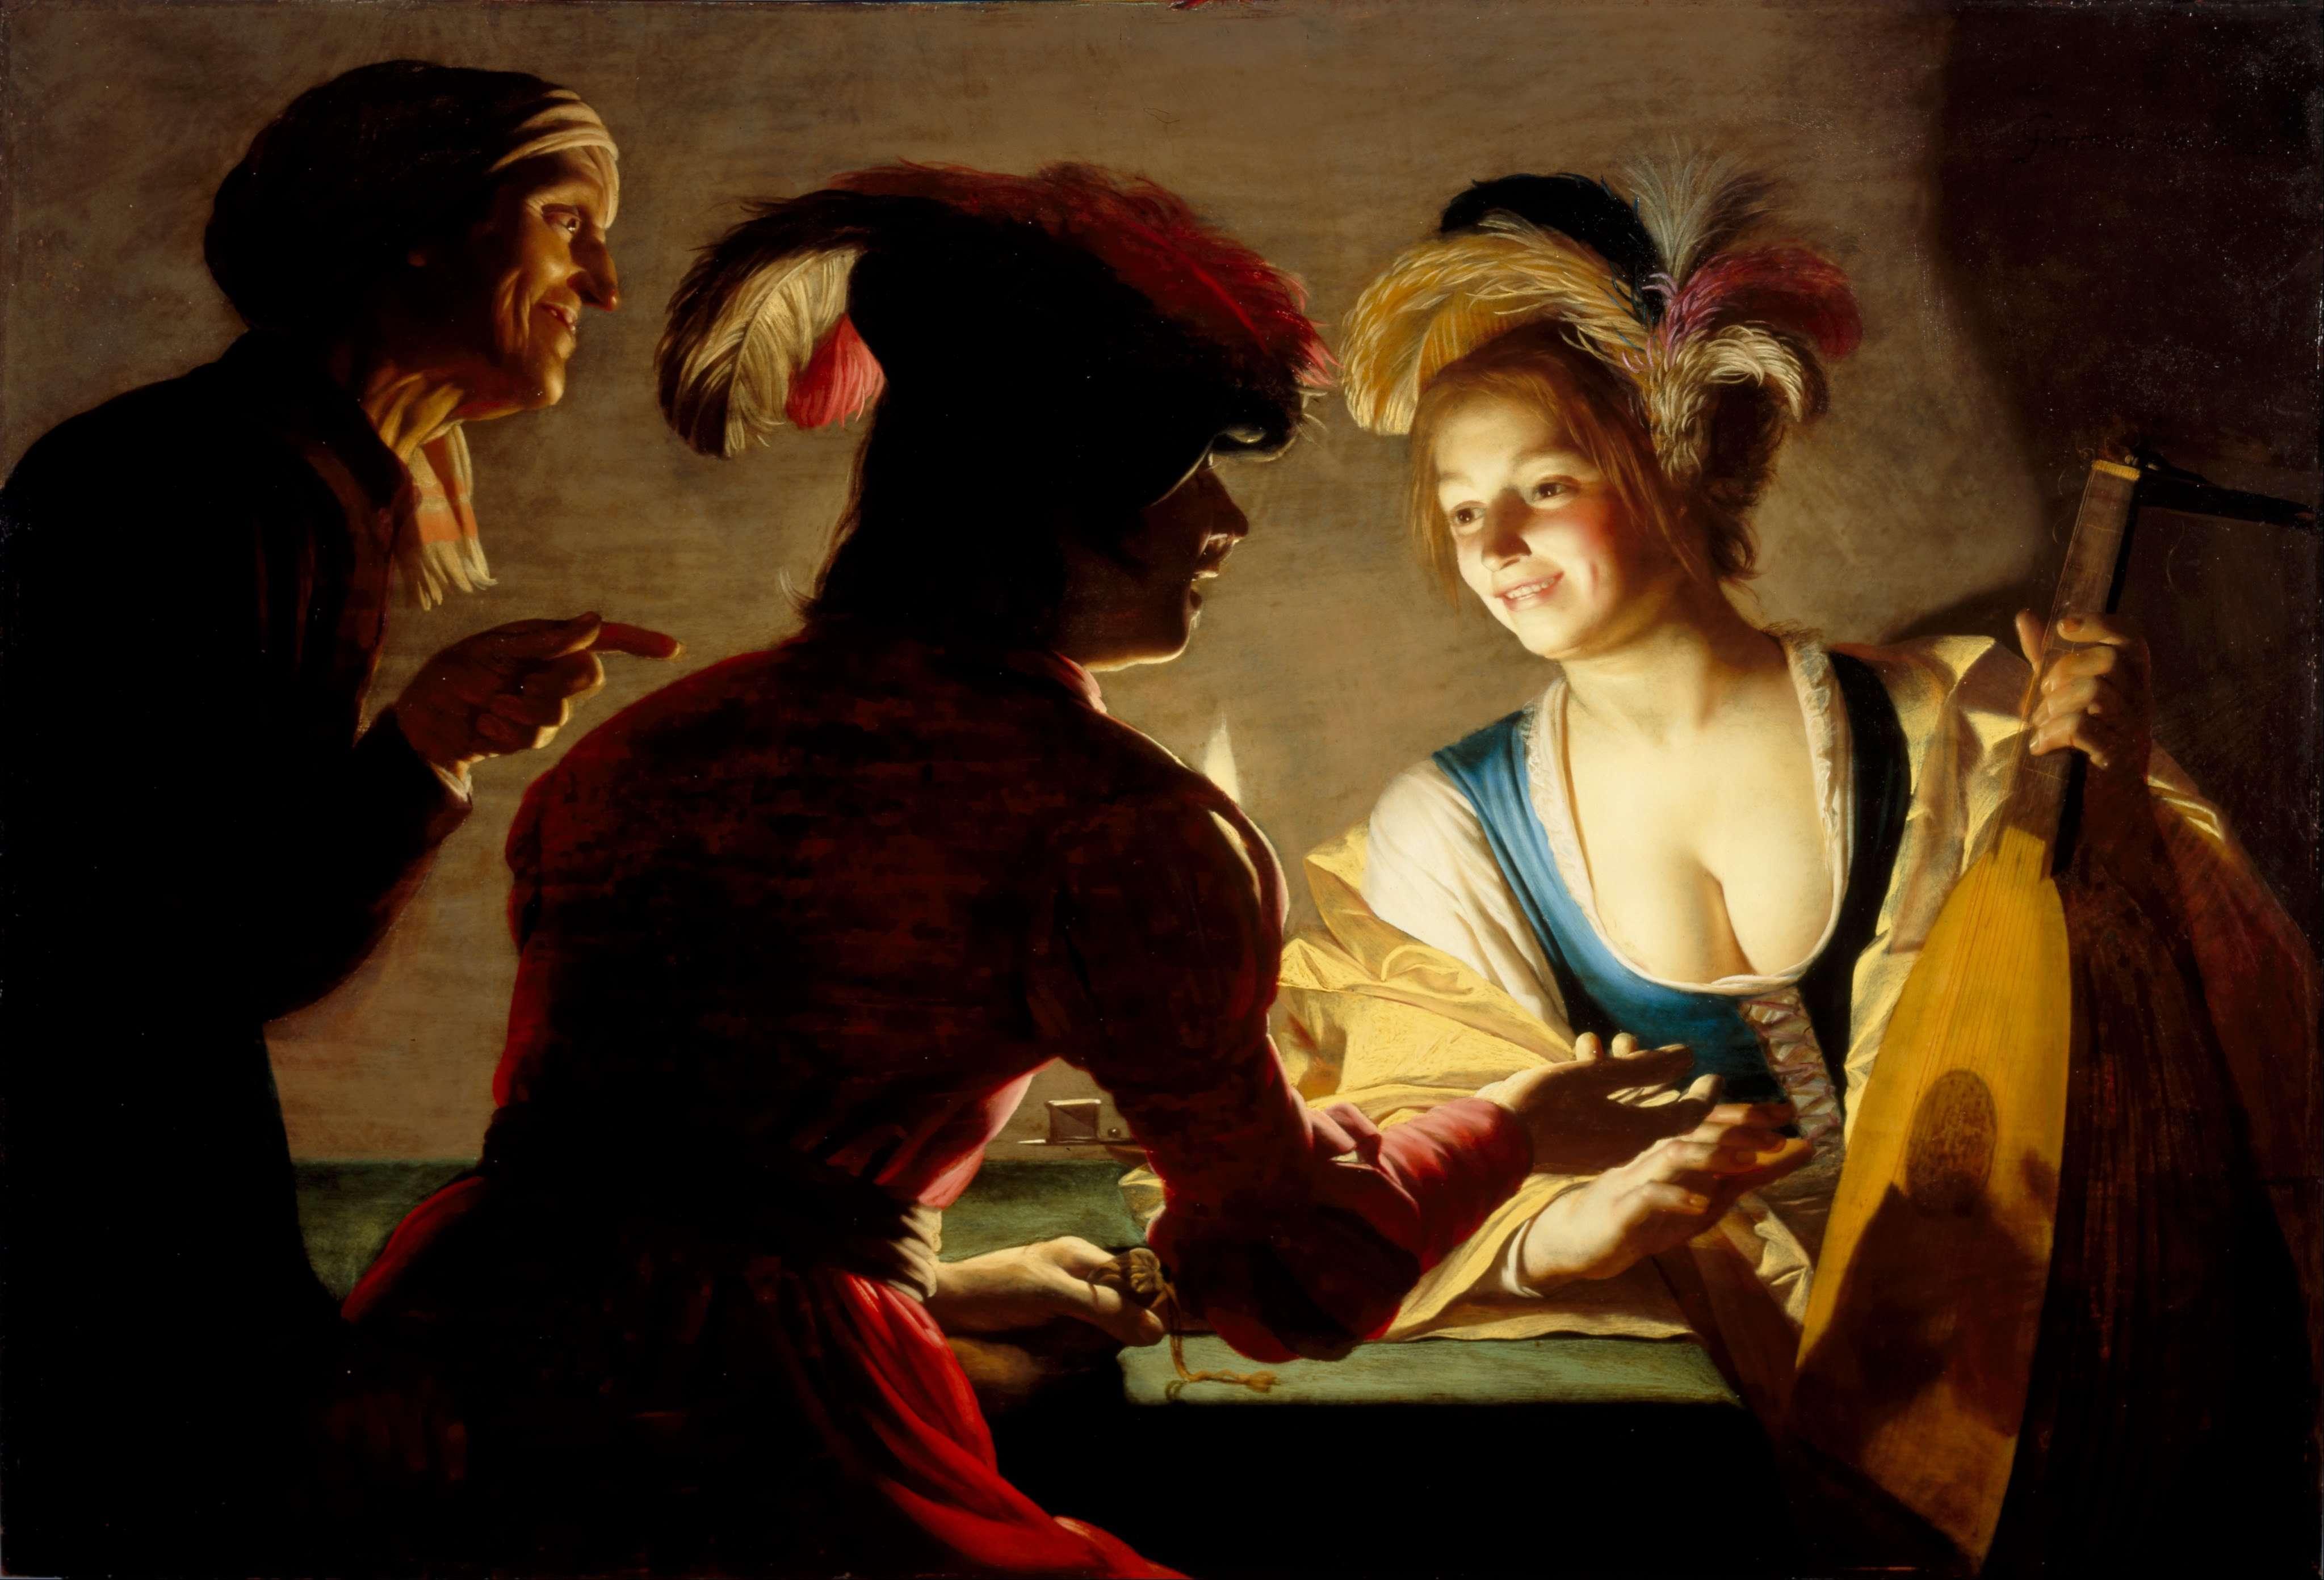 Η μαστροπός. Χέρριτ φαν Χόντχορστ (ολλανδικά: Gerrit van Honthorst, γνωστός και ως Gerard van Honthorst, 4 Νοεμβρίου 1592 - 27 Απριλίου 1656)